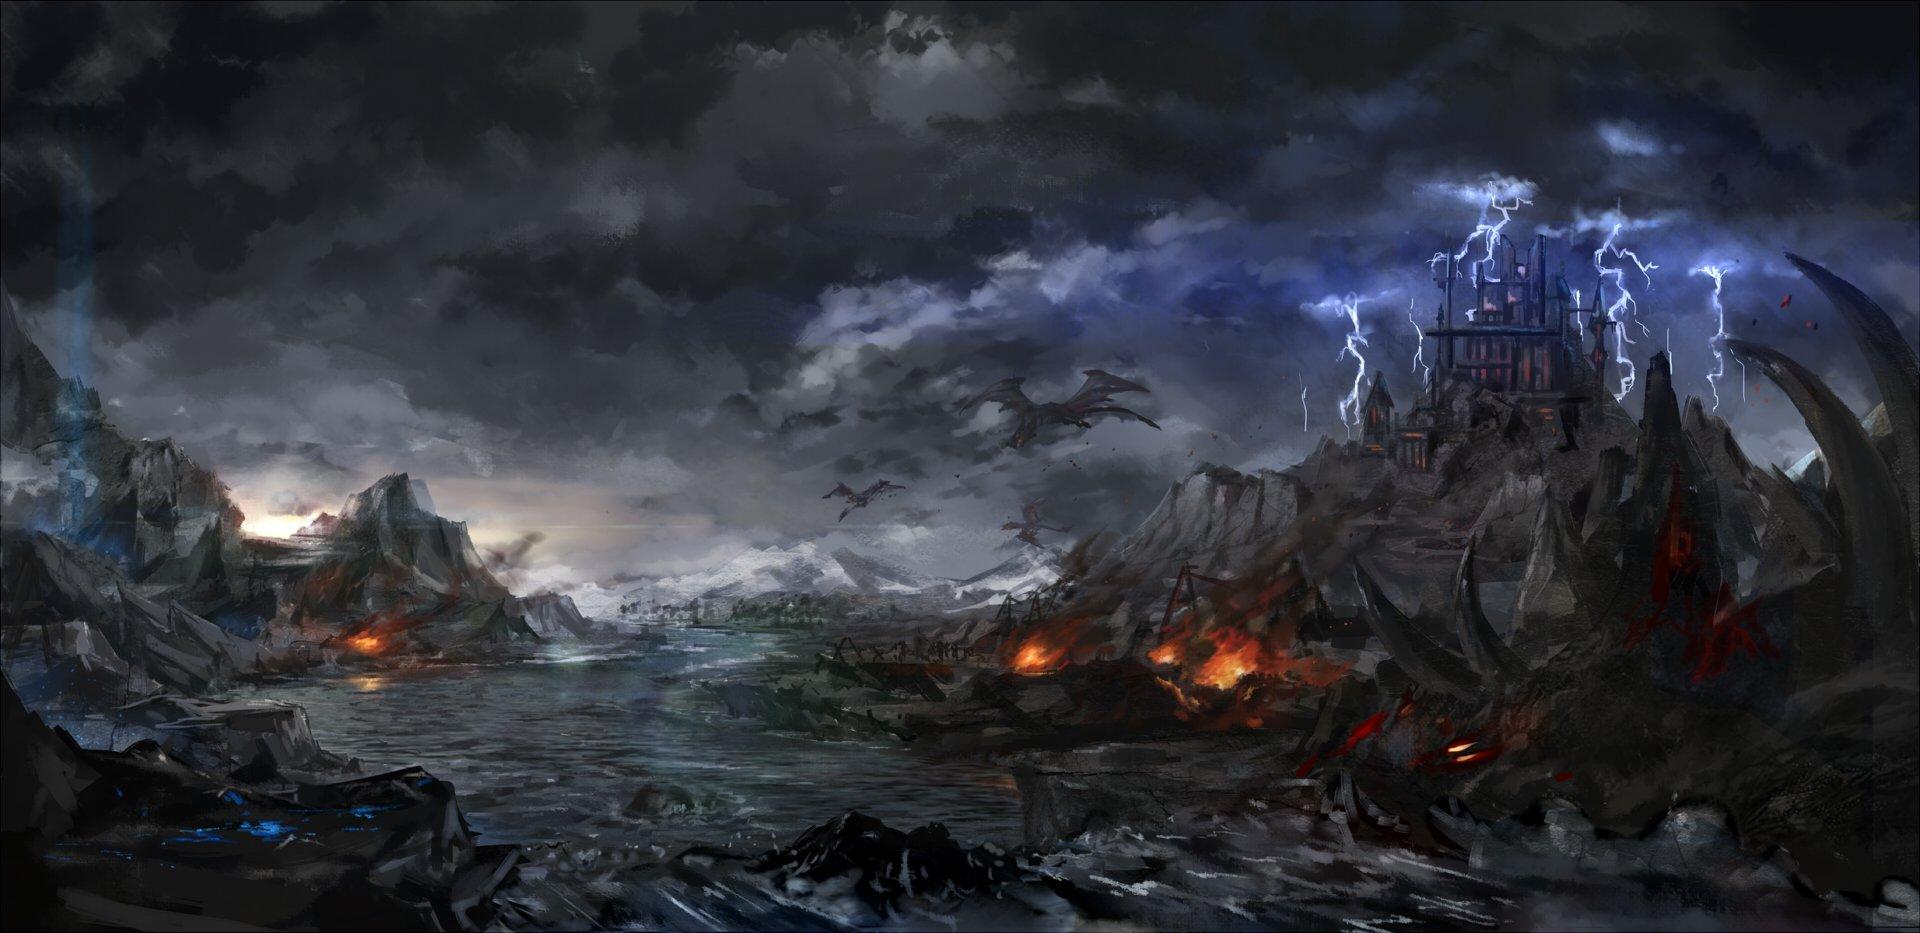 Clouds C_z_ Dark Landscape Pixiv Fantasia Scenic Sky Water